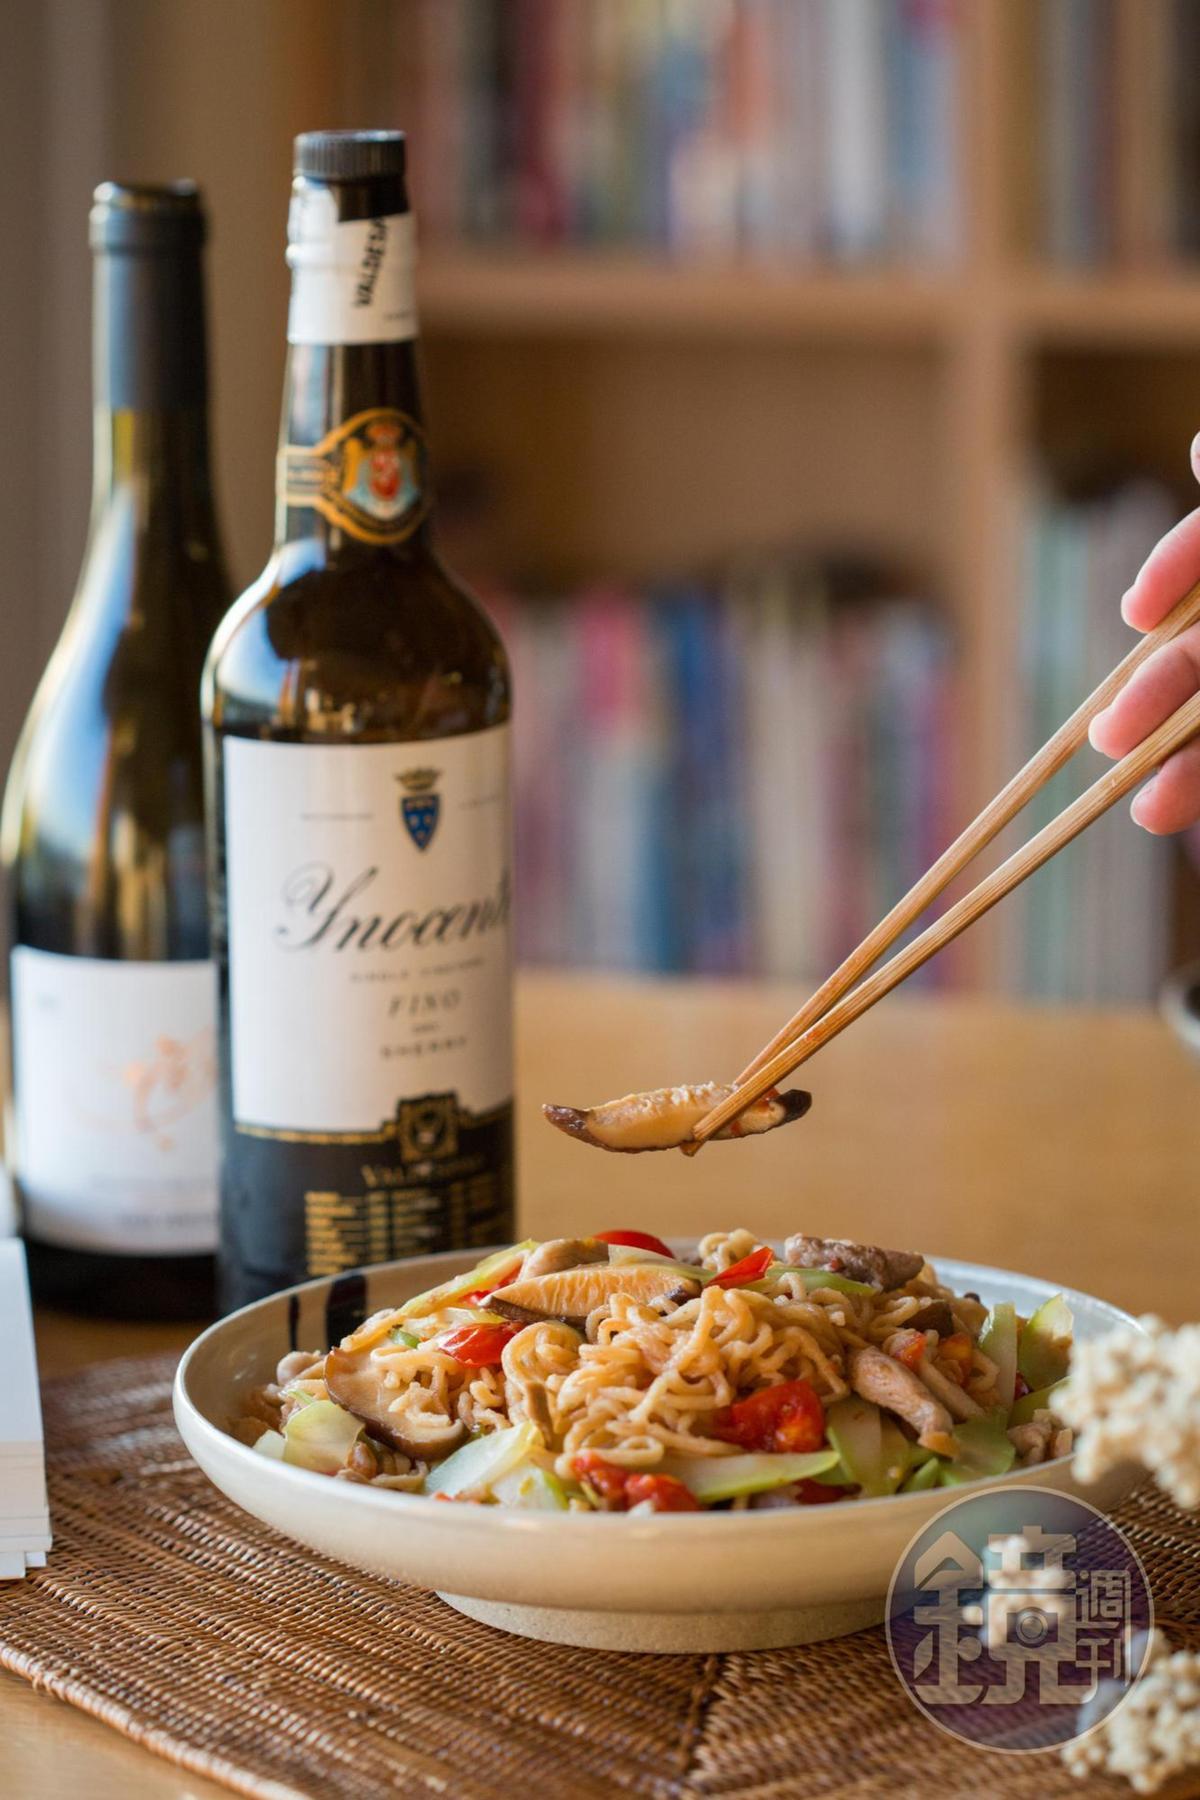 葉怡蘭端出有府城風味的「番茄豬肉香菇蝦米大心芥菜炒意麵」。